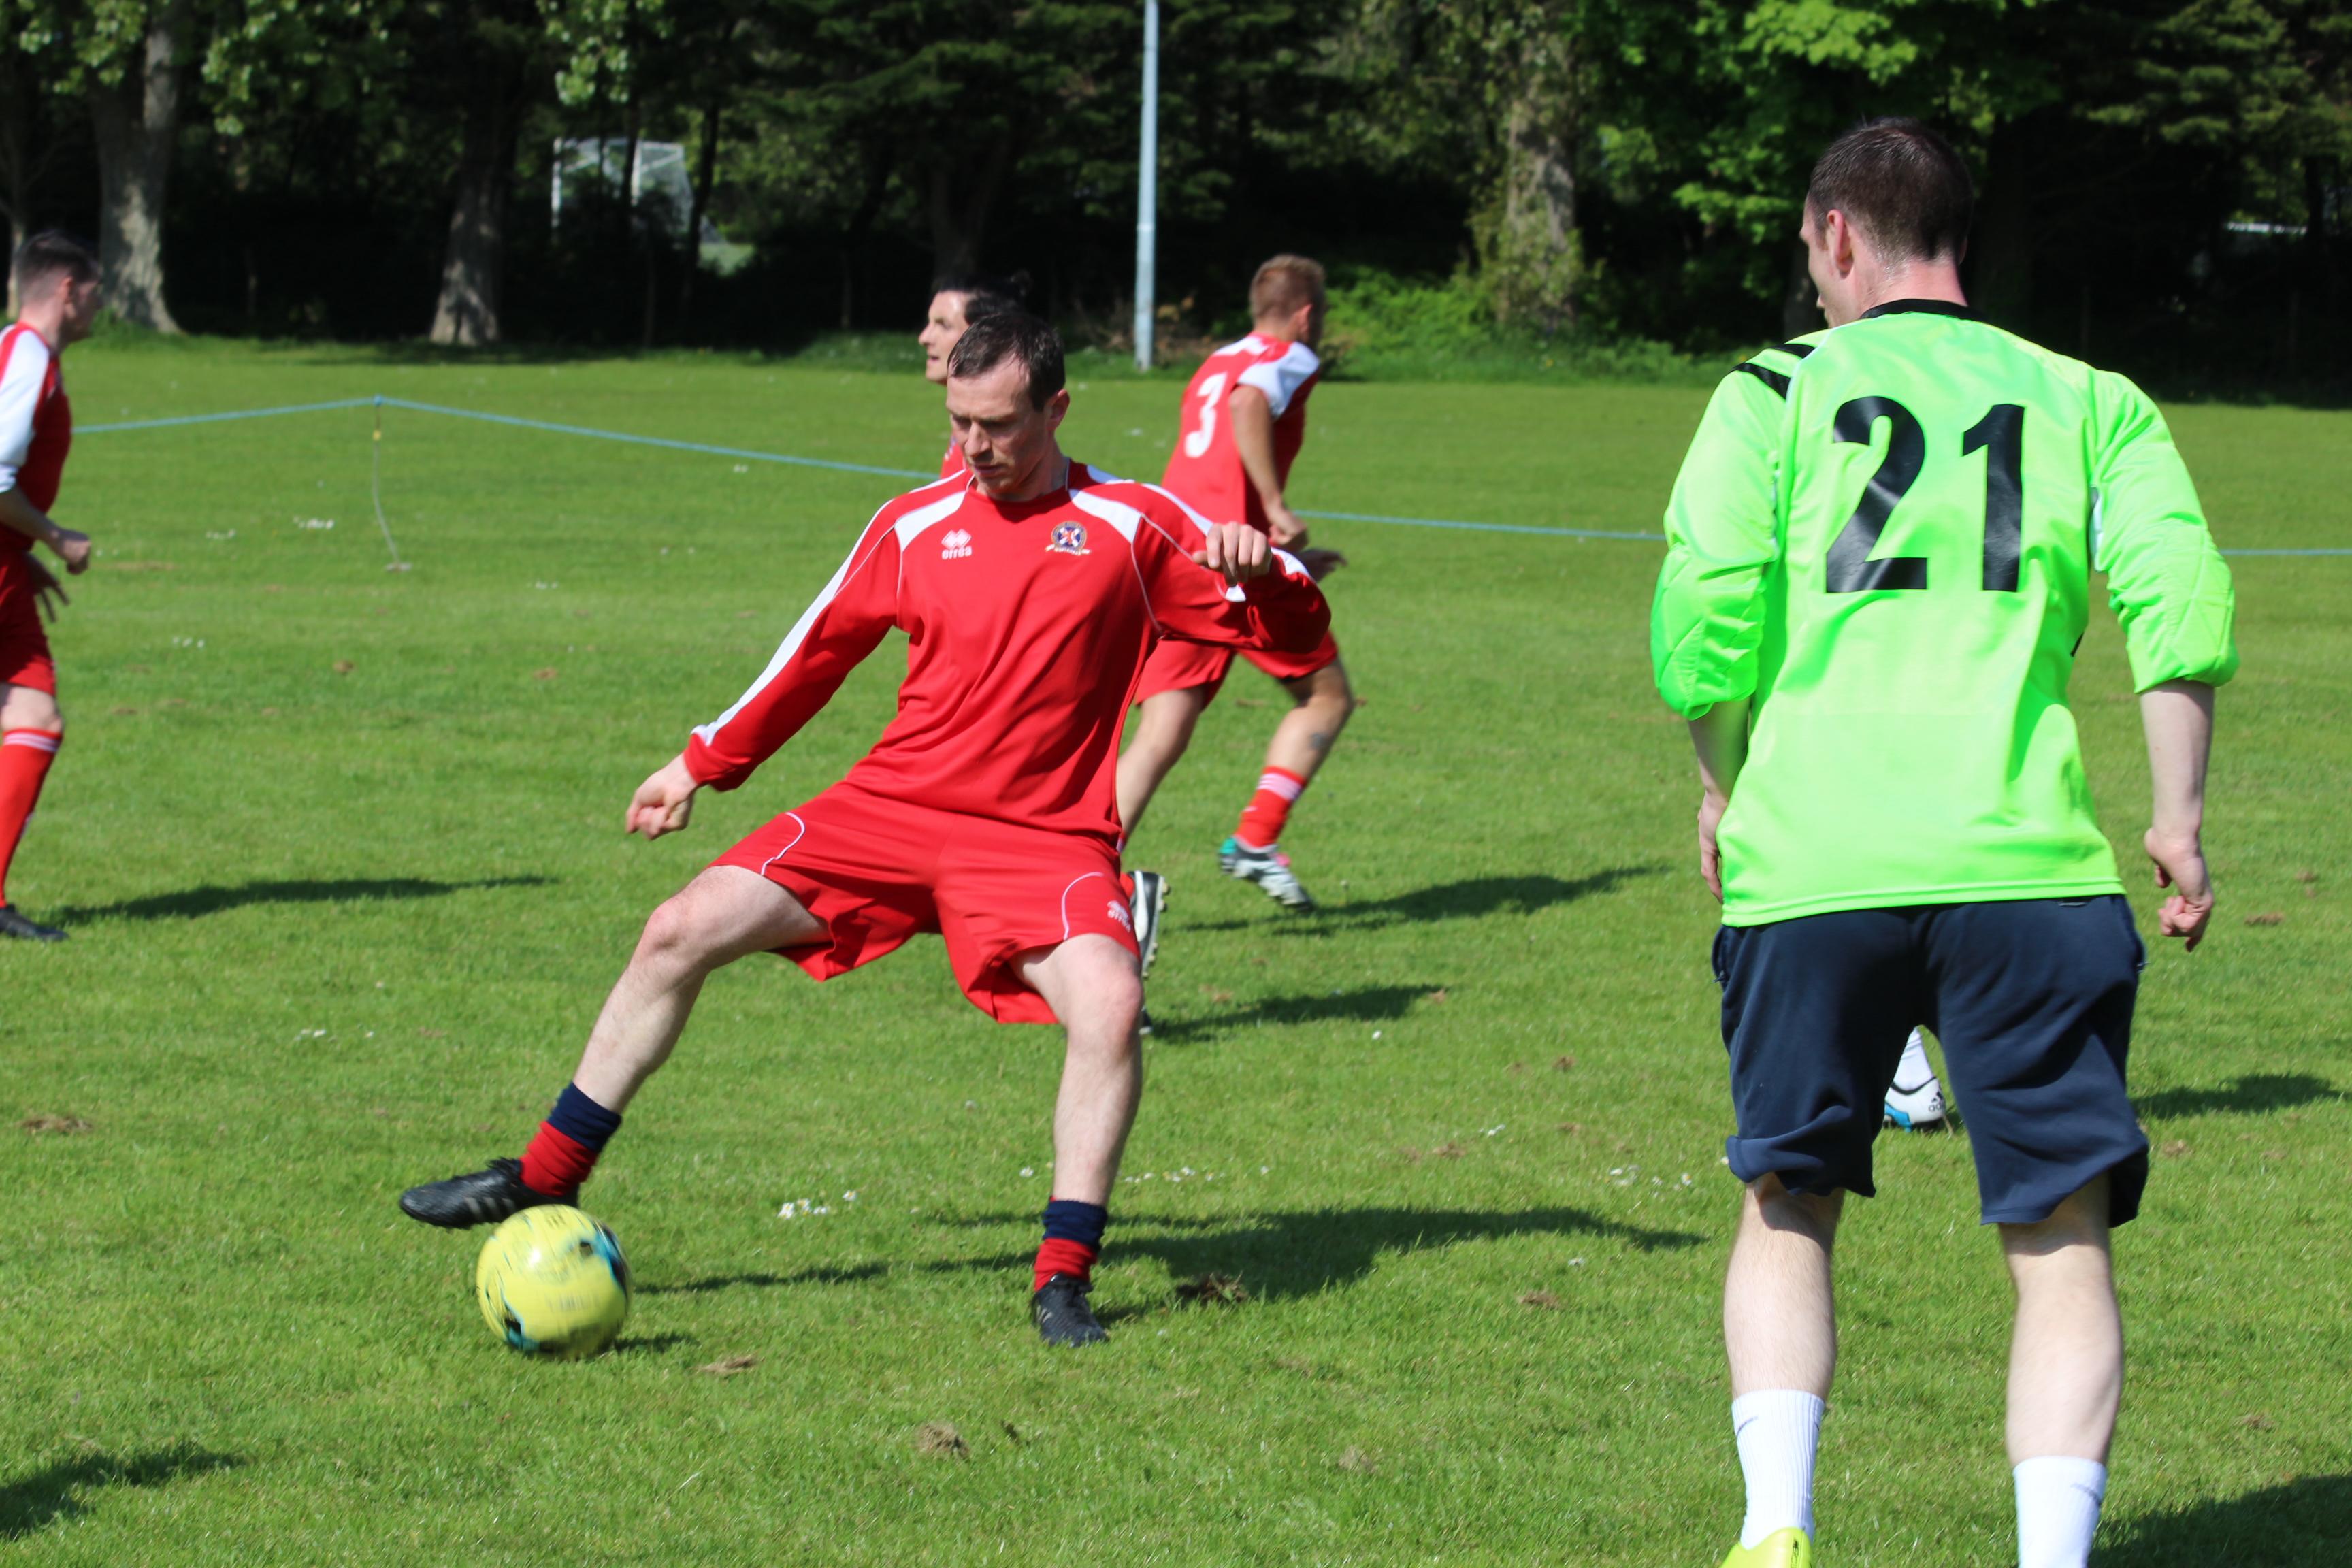 Scottish amateur youth league